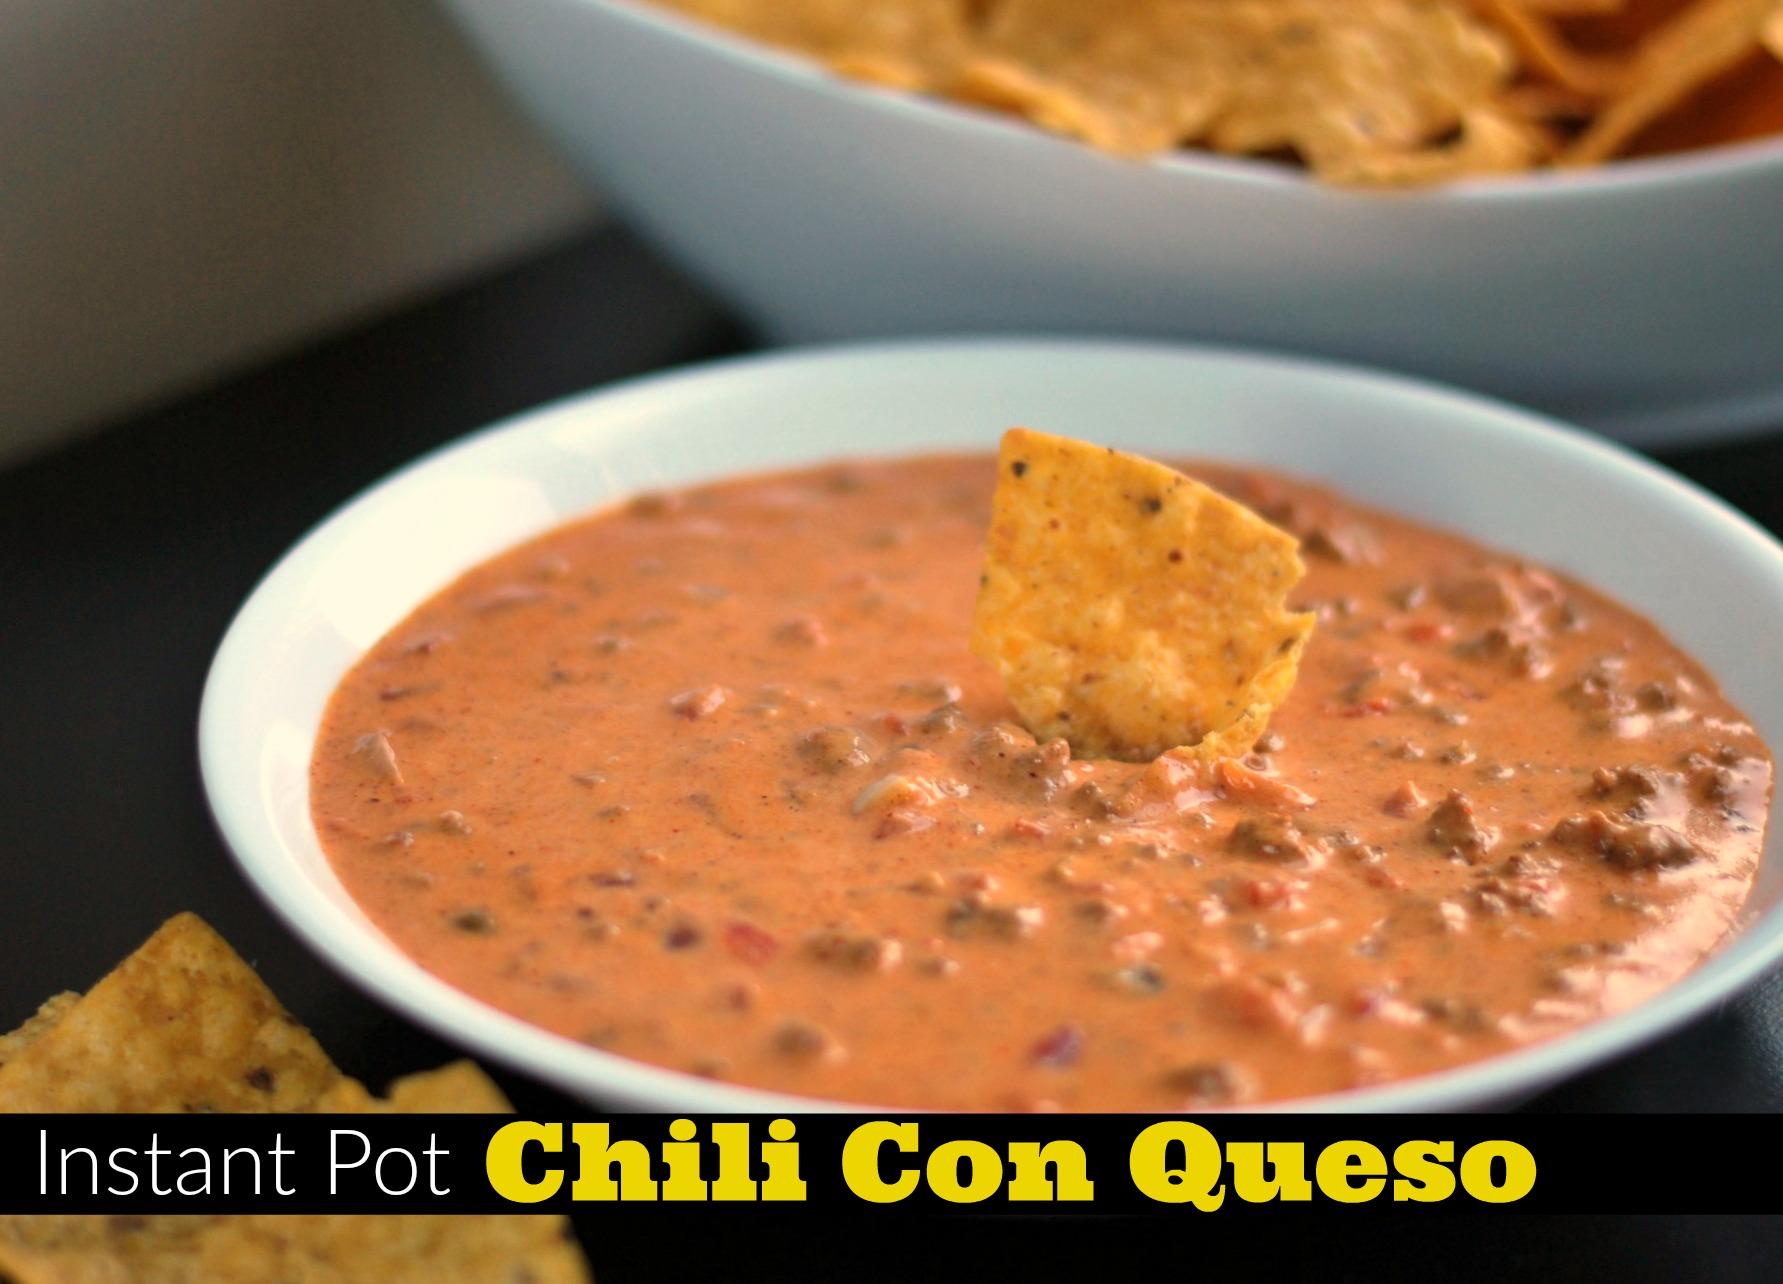 Instant Pot Chili Con Queso